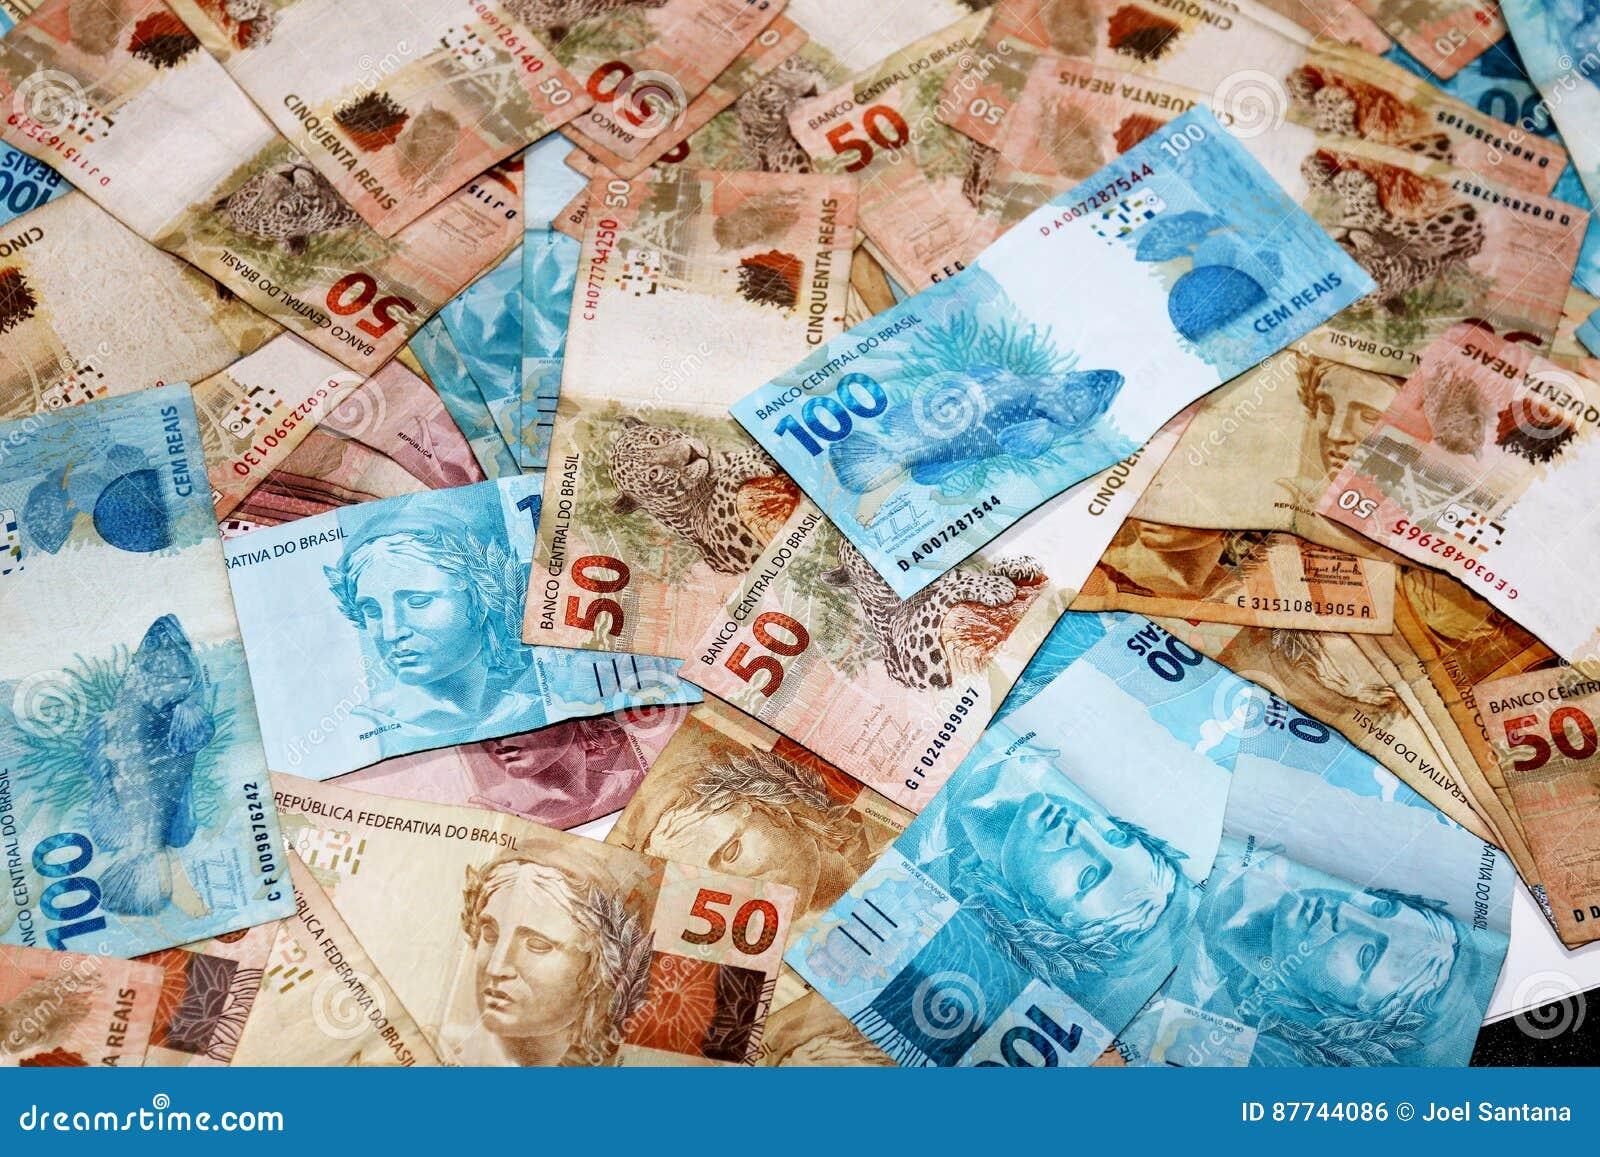 Brasilianische Banknoten in den verschiedenen Mengen